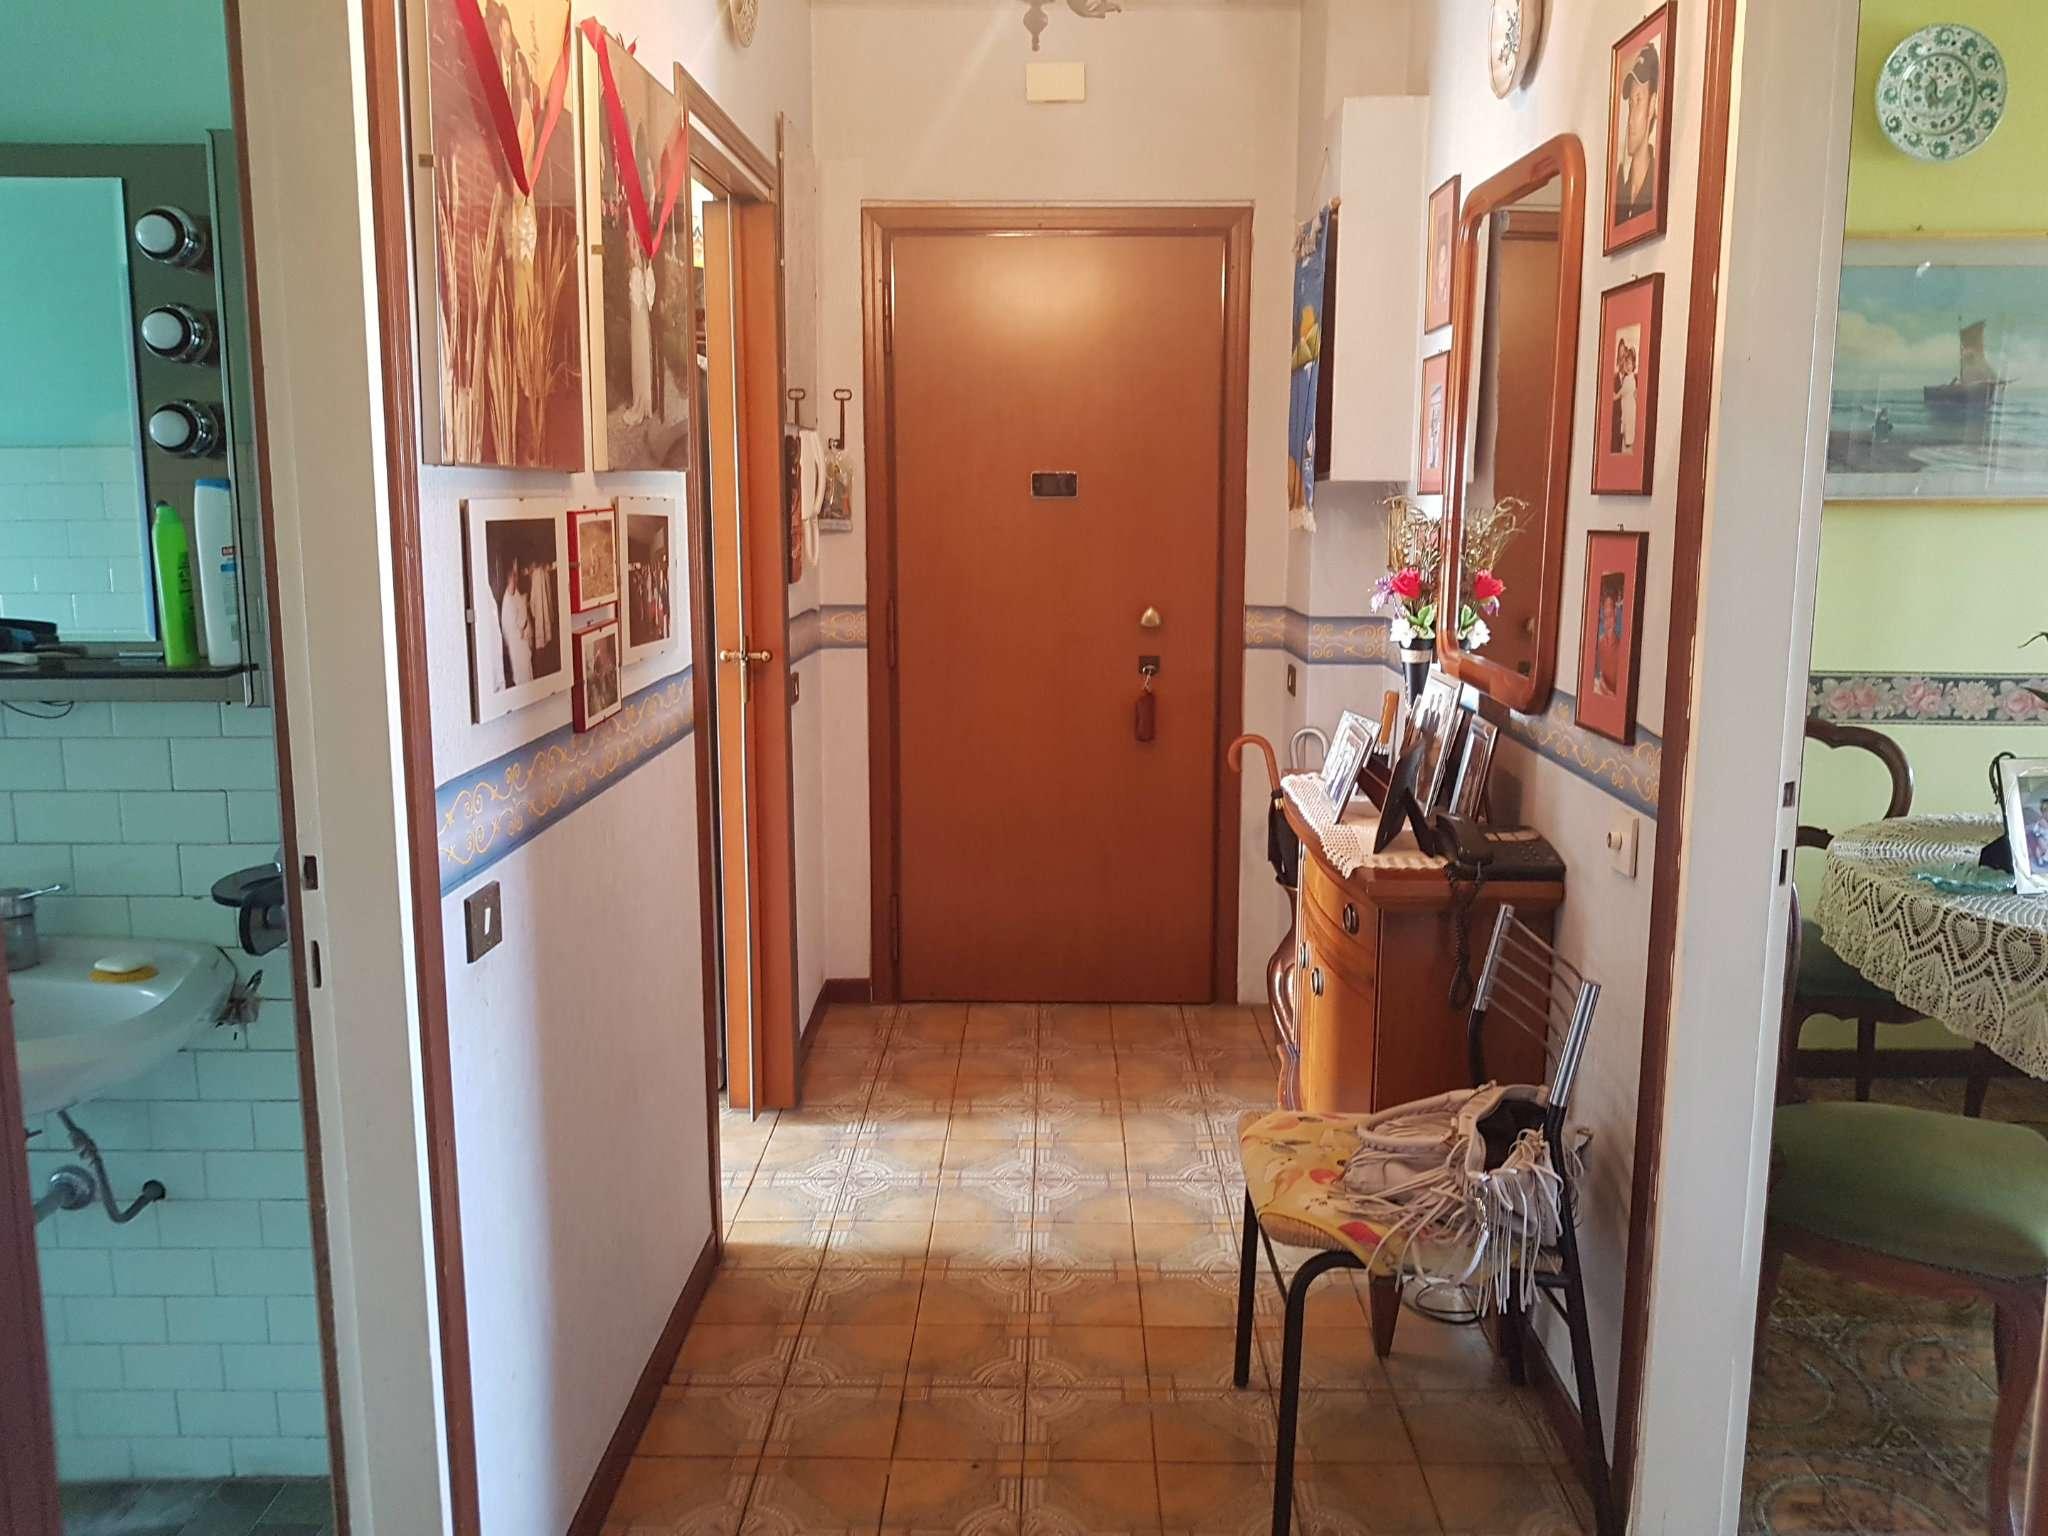 Appartamento in vendita a San Donato Milanese, 3 locali, prezzo € 140.000 | CambioCasa.it